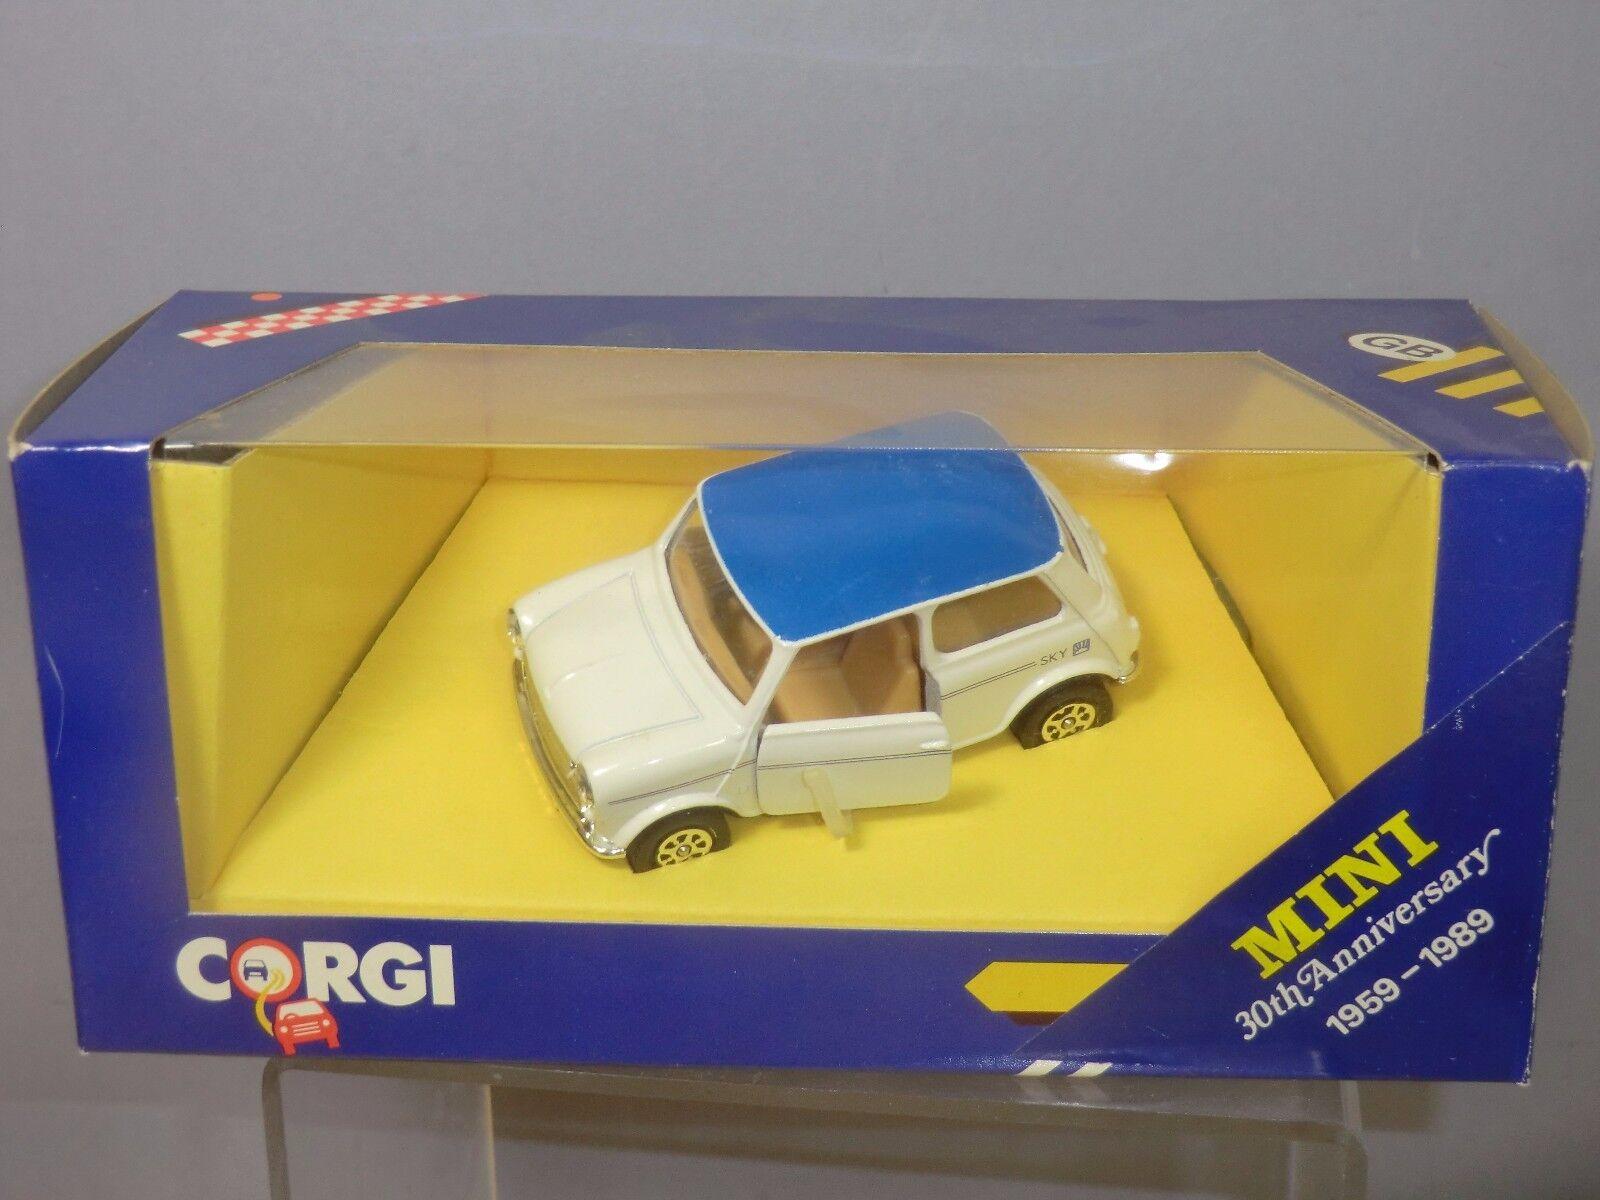 Corgi Modelo No.C330 3 Mini  30th aniversario 1959-1989 'MIB